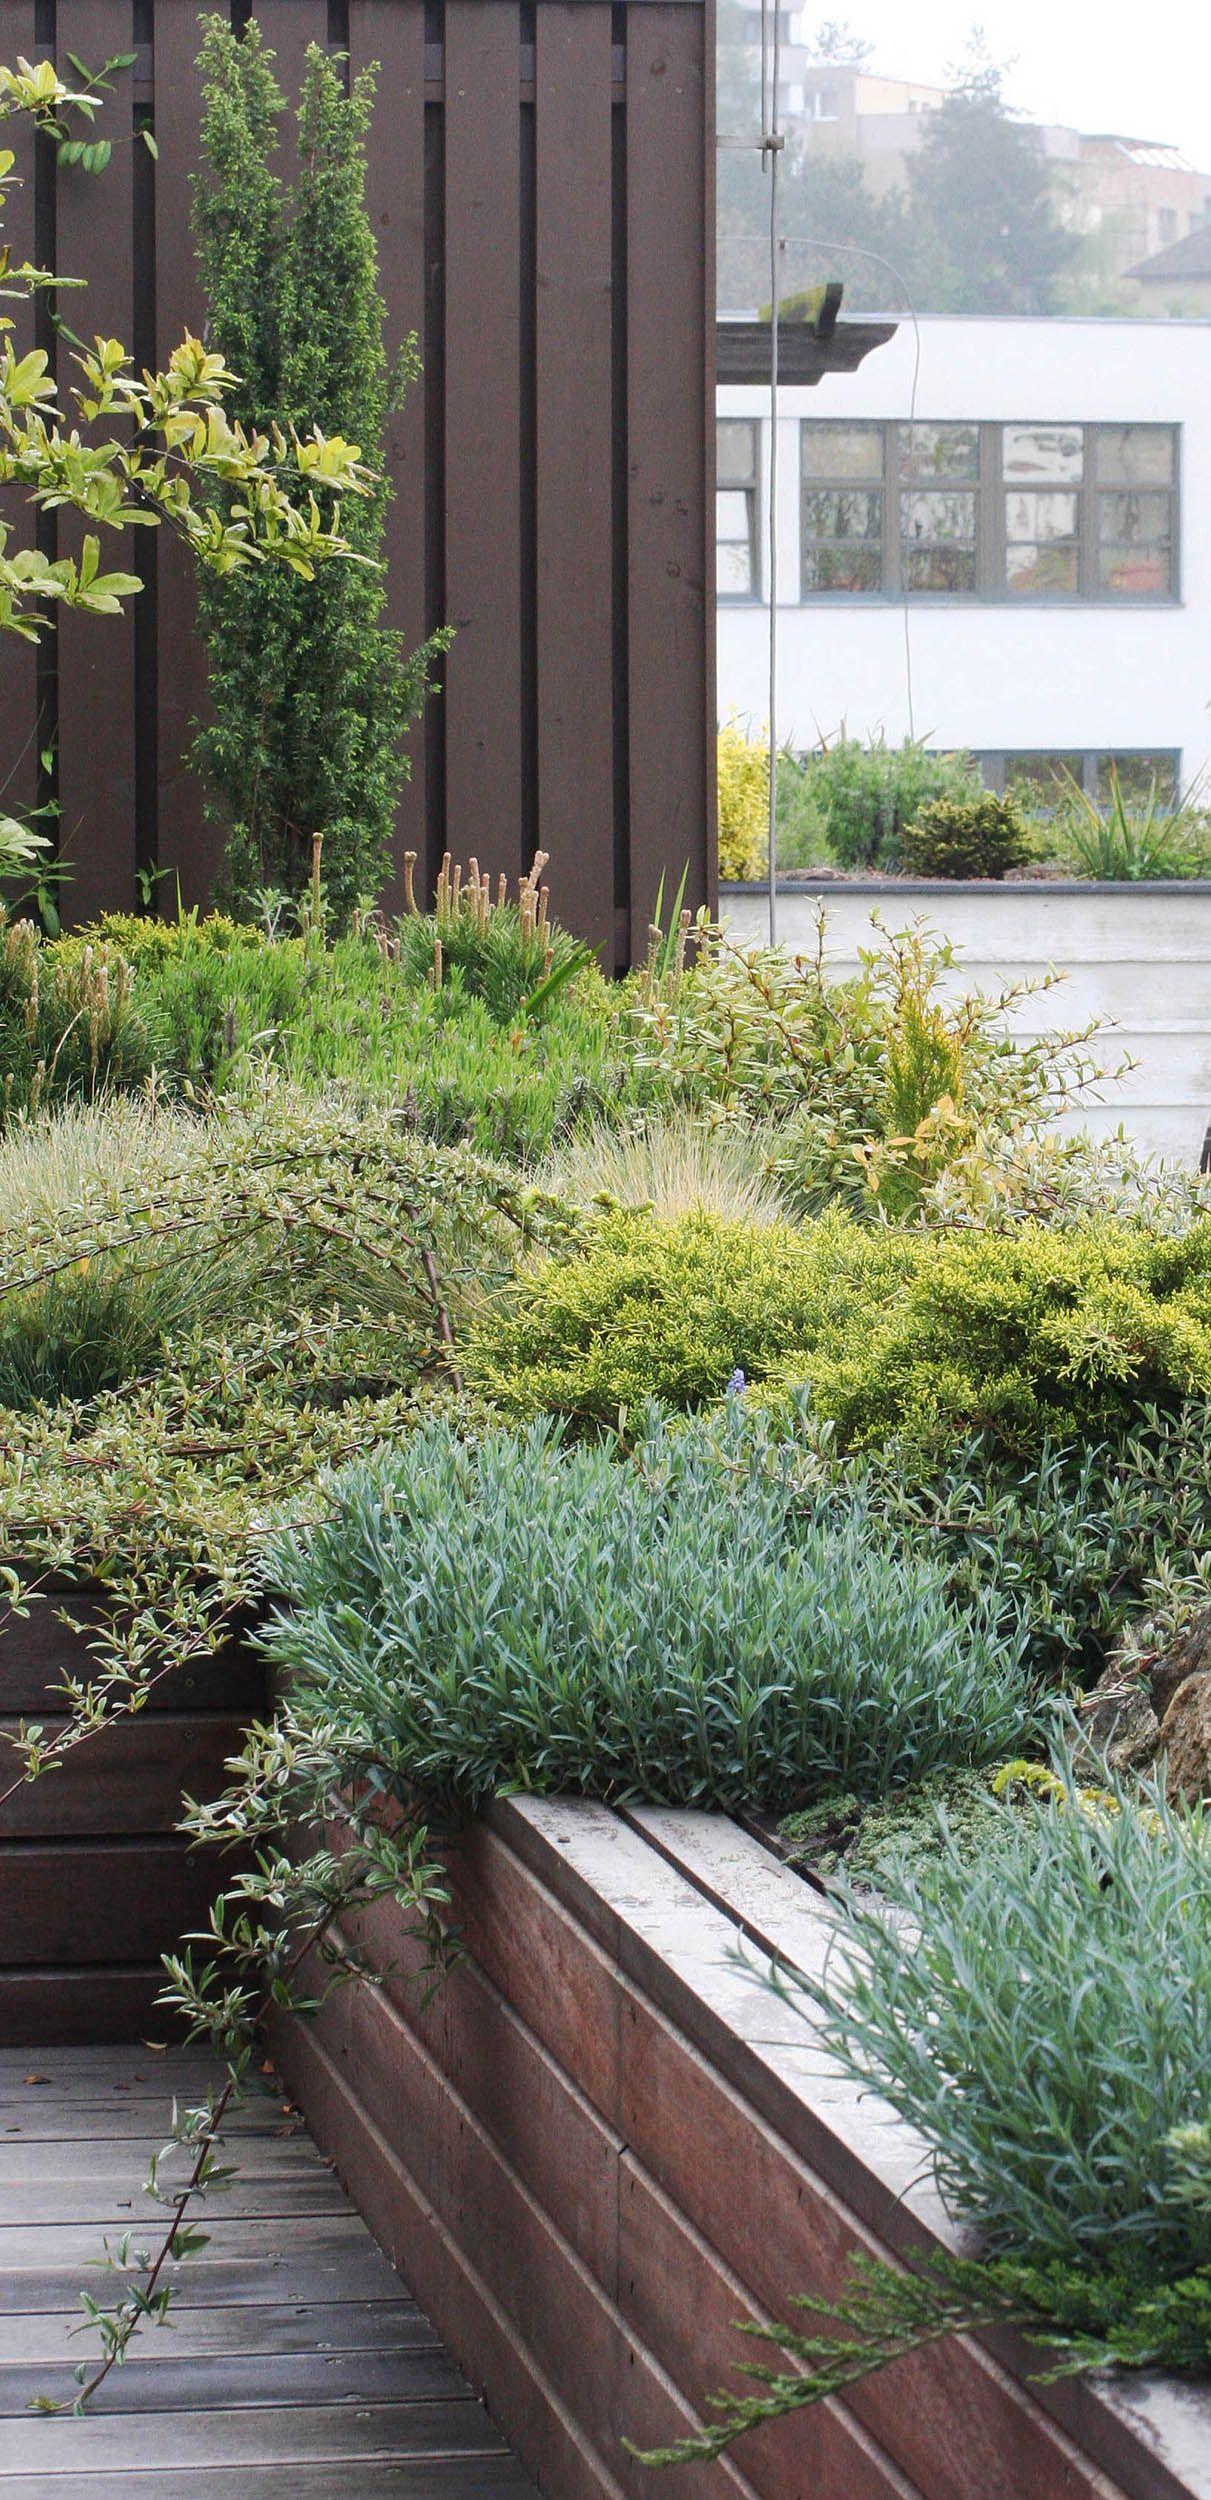 Návrhy a projektování zahrad, Realizace zahrady, Zahradní architektura. Landscape Architecture